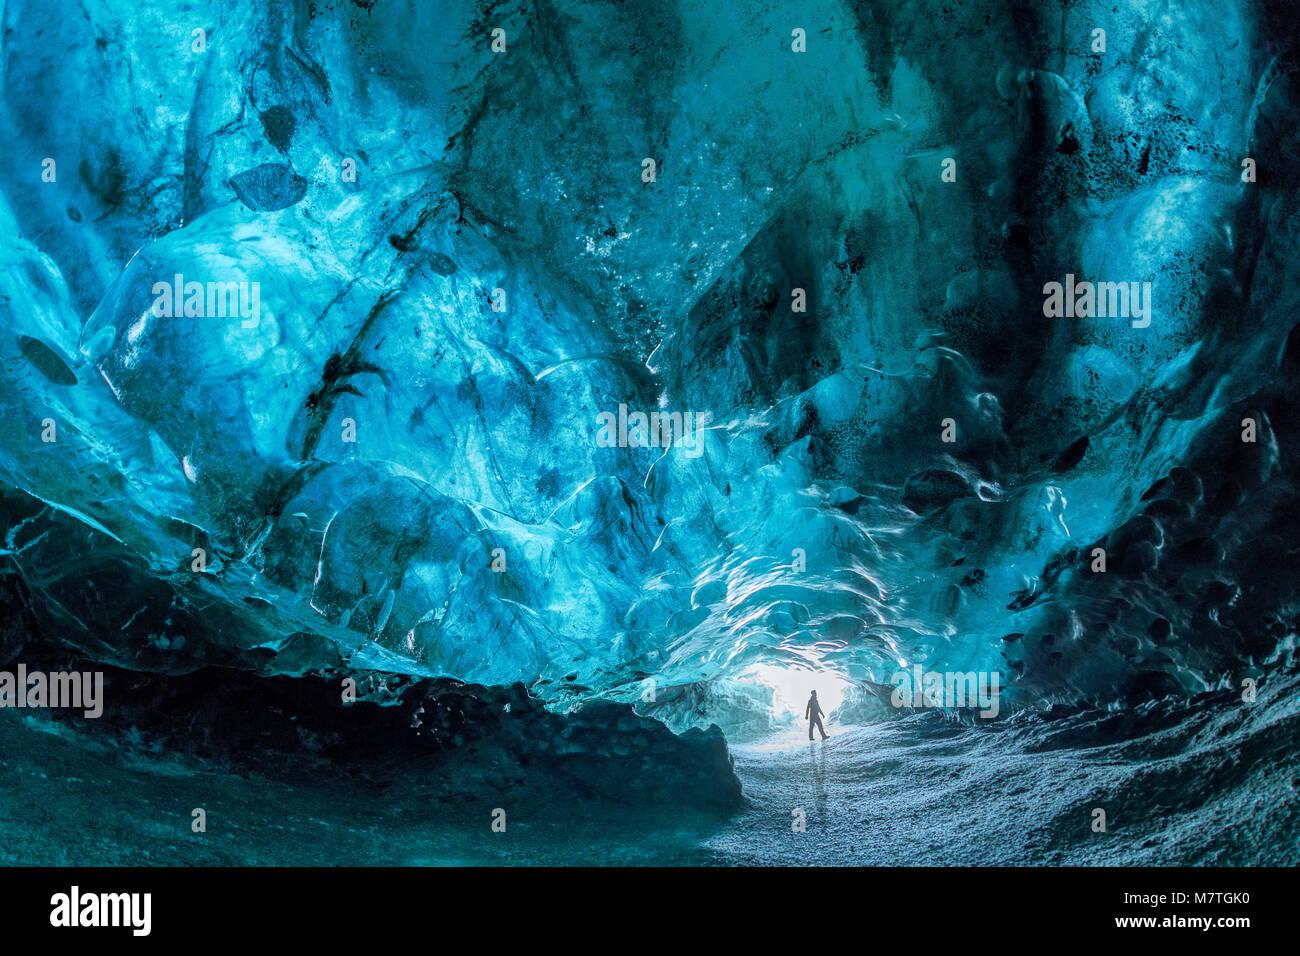 Intérieur d'une grotte de glace bleue à la Glacier de Vatnajokull, le plus grand glacier d'Europe, à proximité, l'Islande Jokulsarlon Banque D'Images